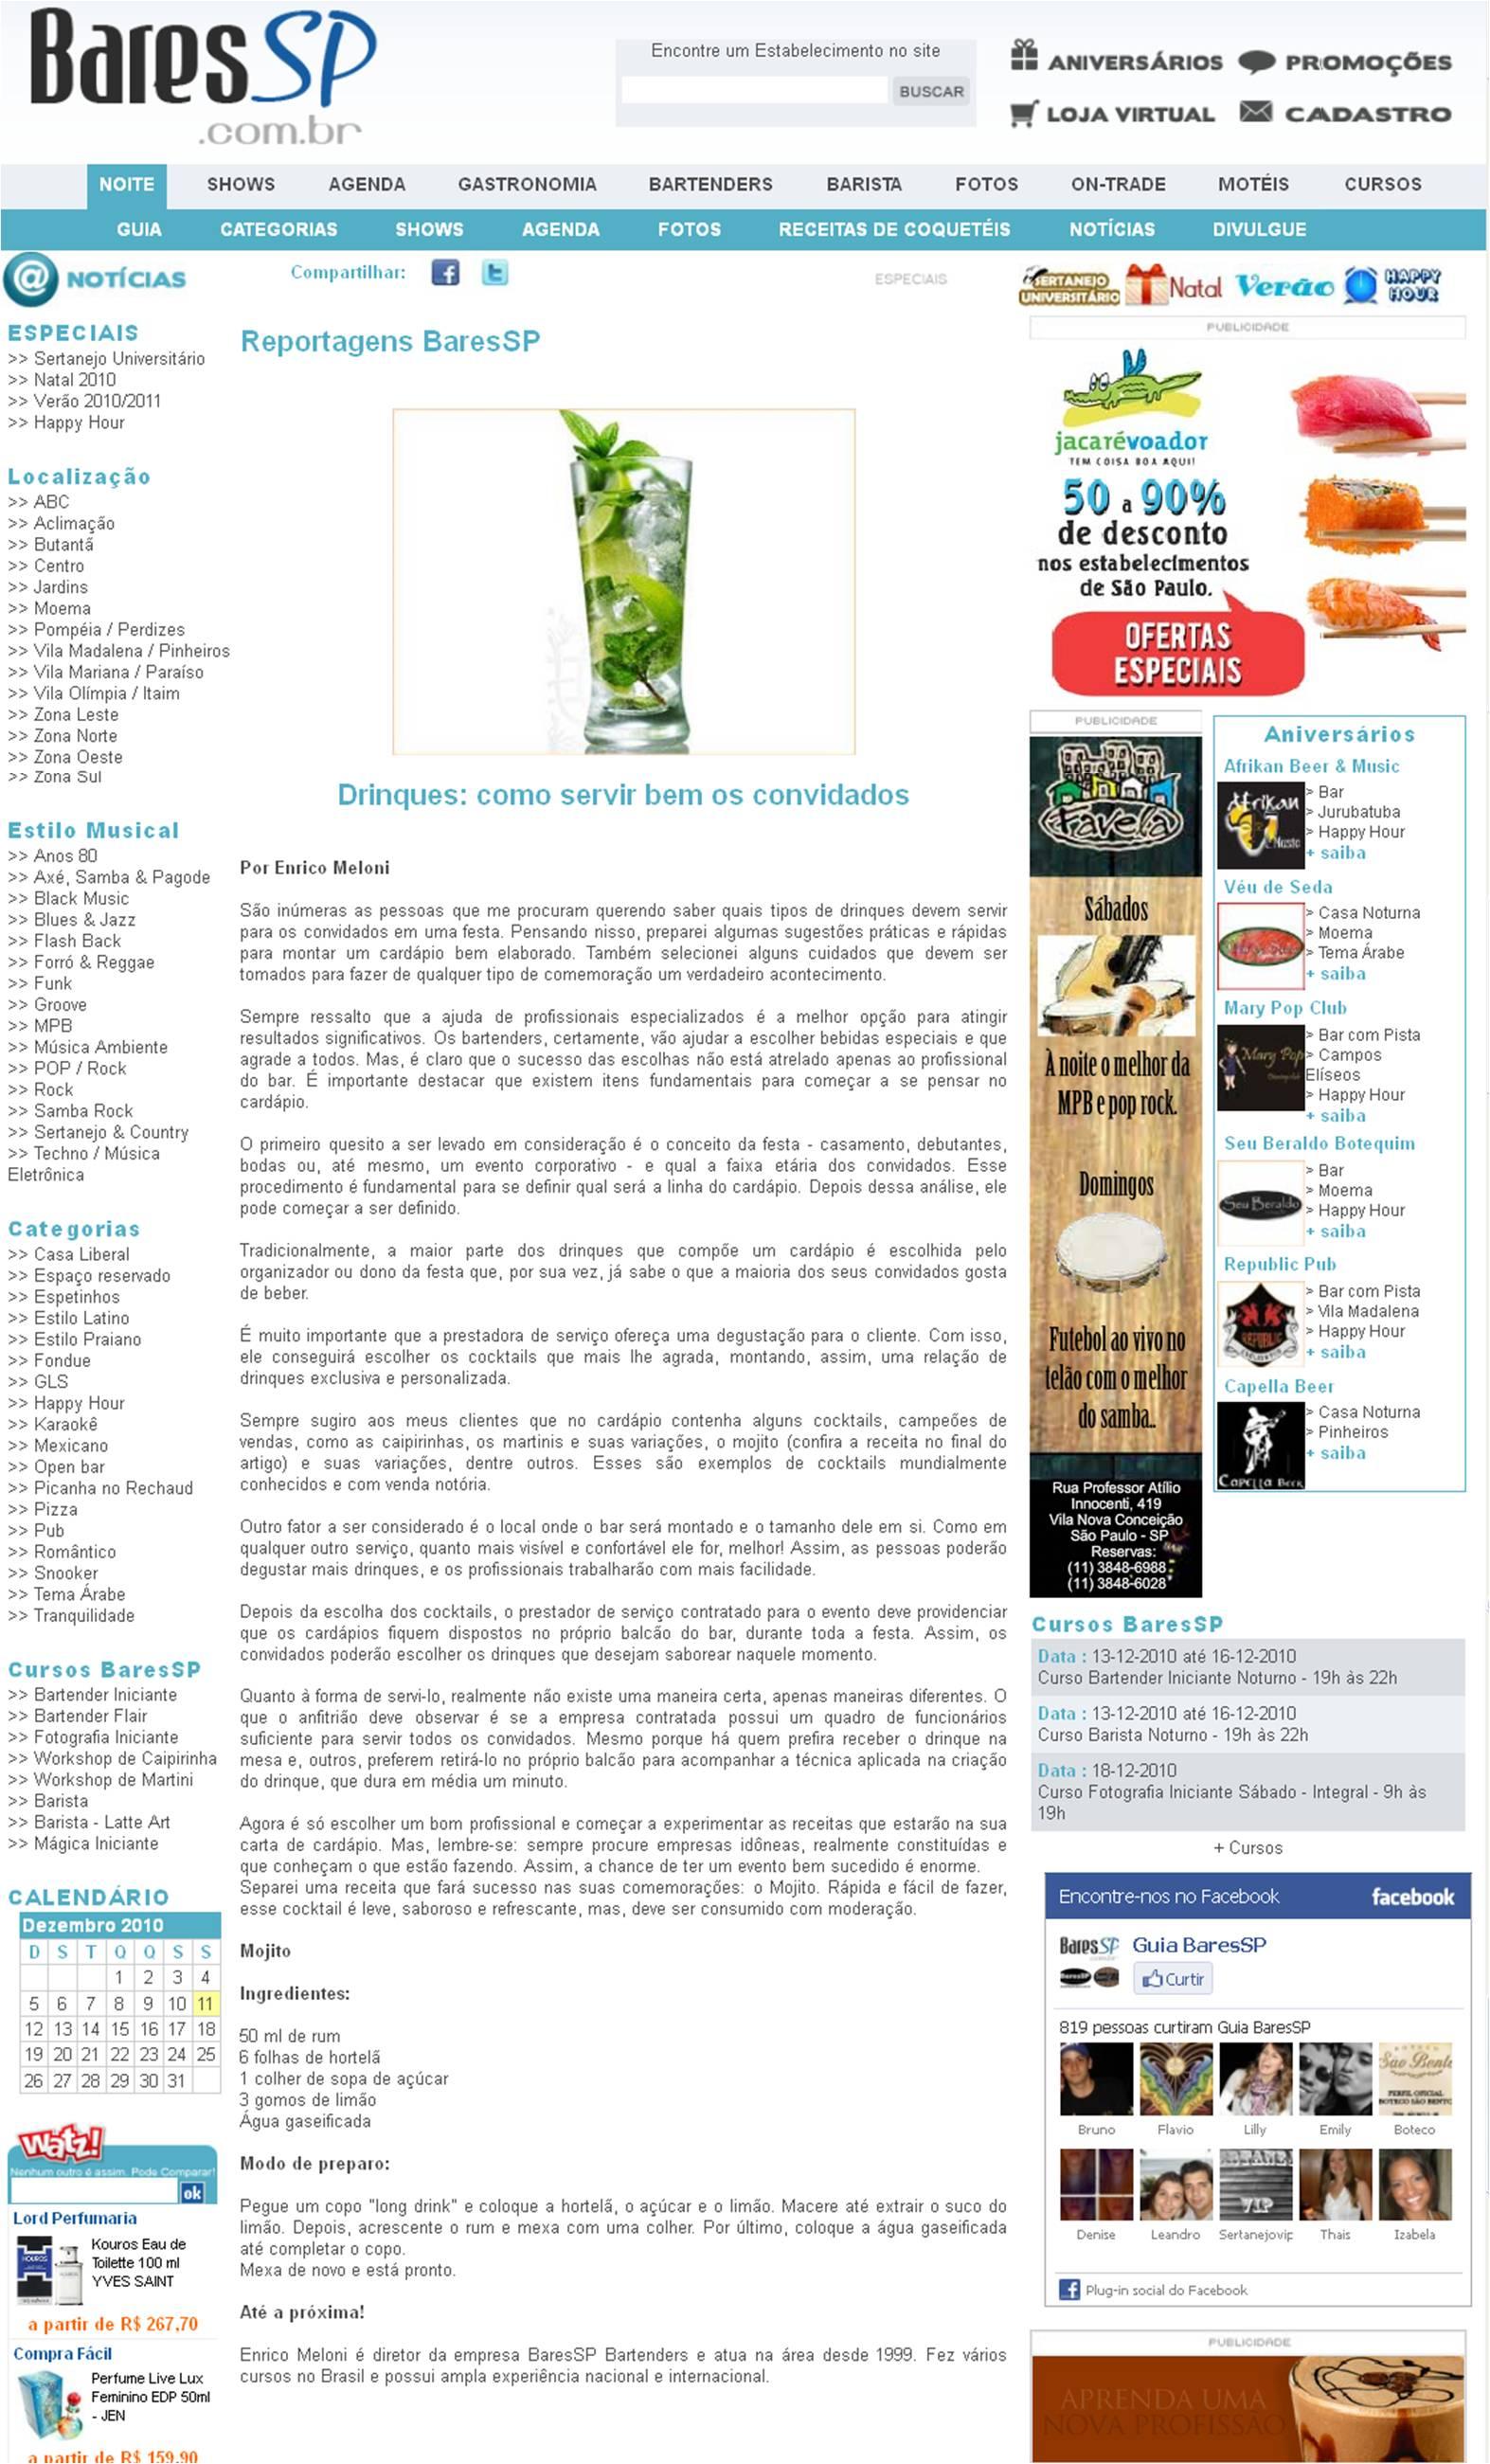 Matéria no Site BaresSP BaresSP image